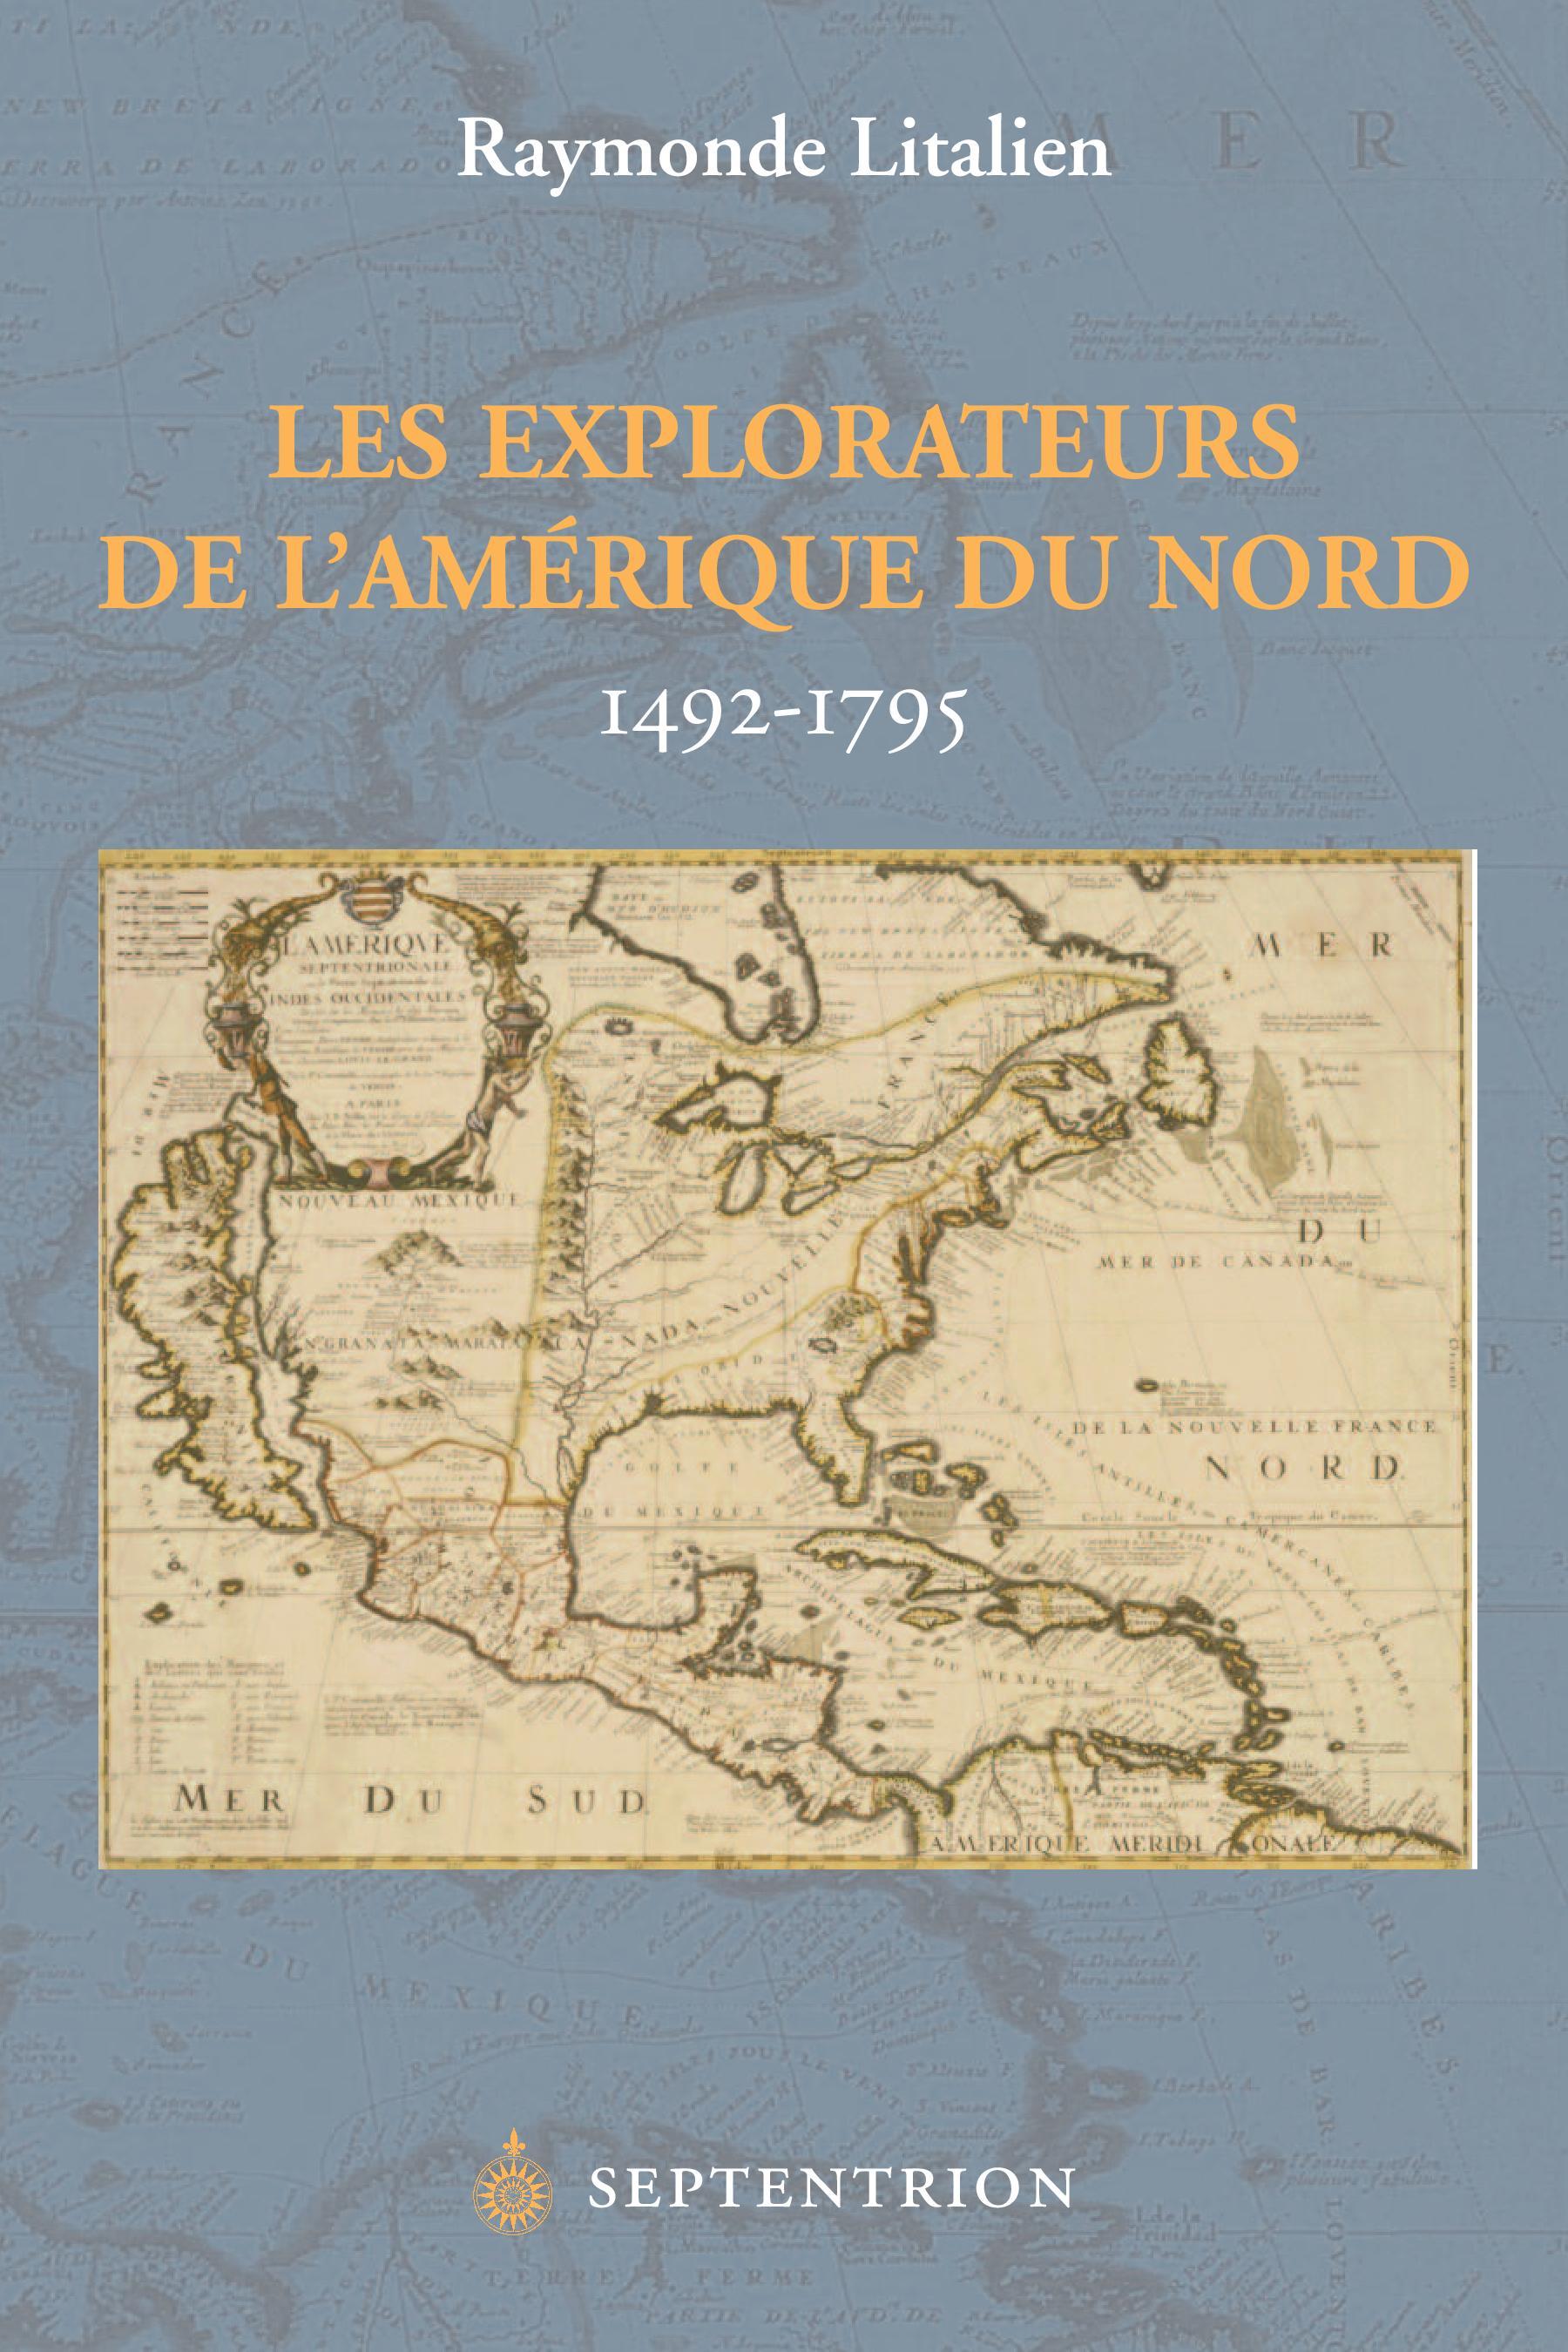 Les Explorateurs de l'Amérique du Nord, 1492-1795